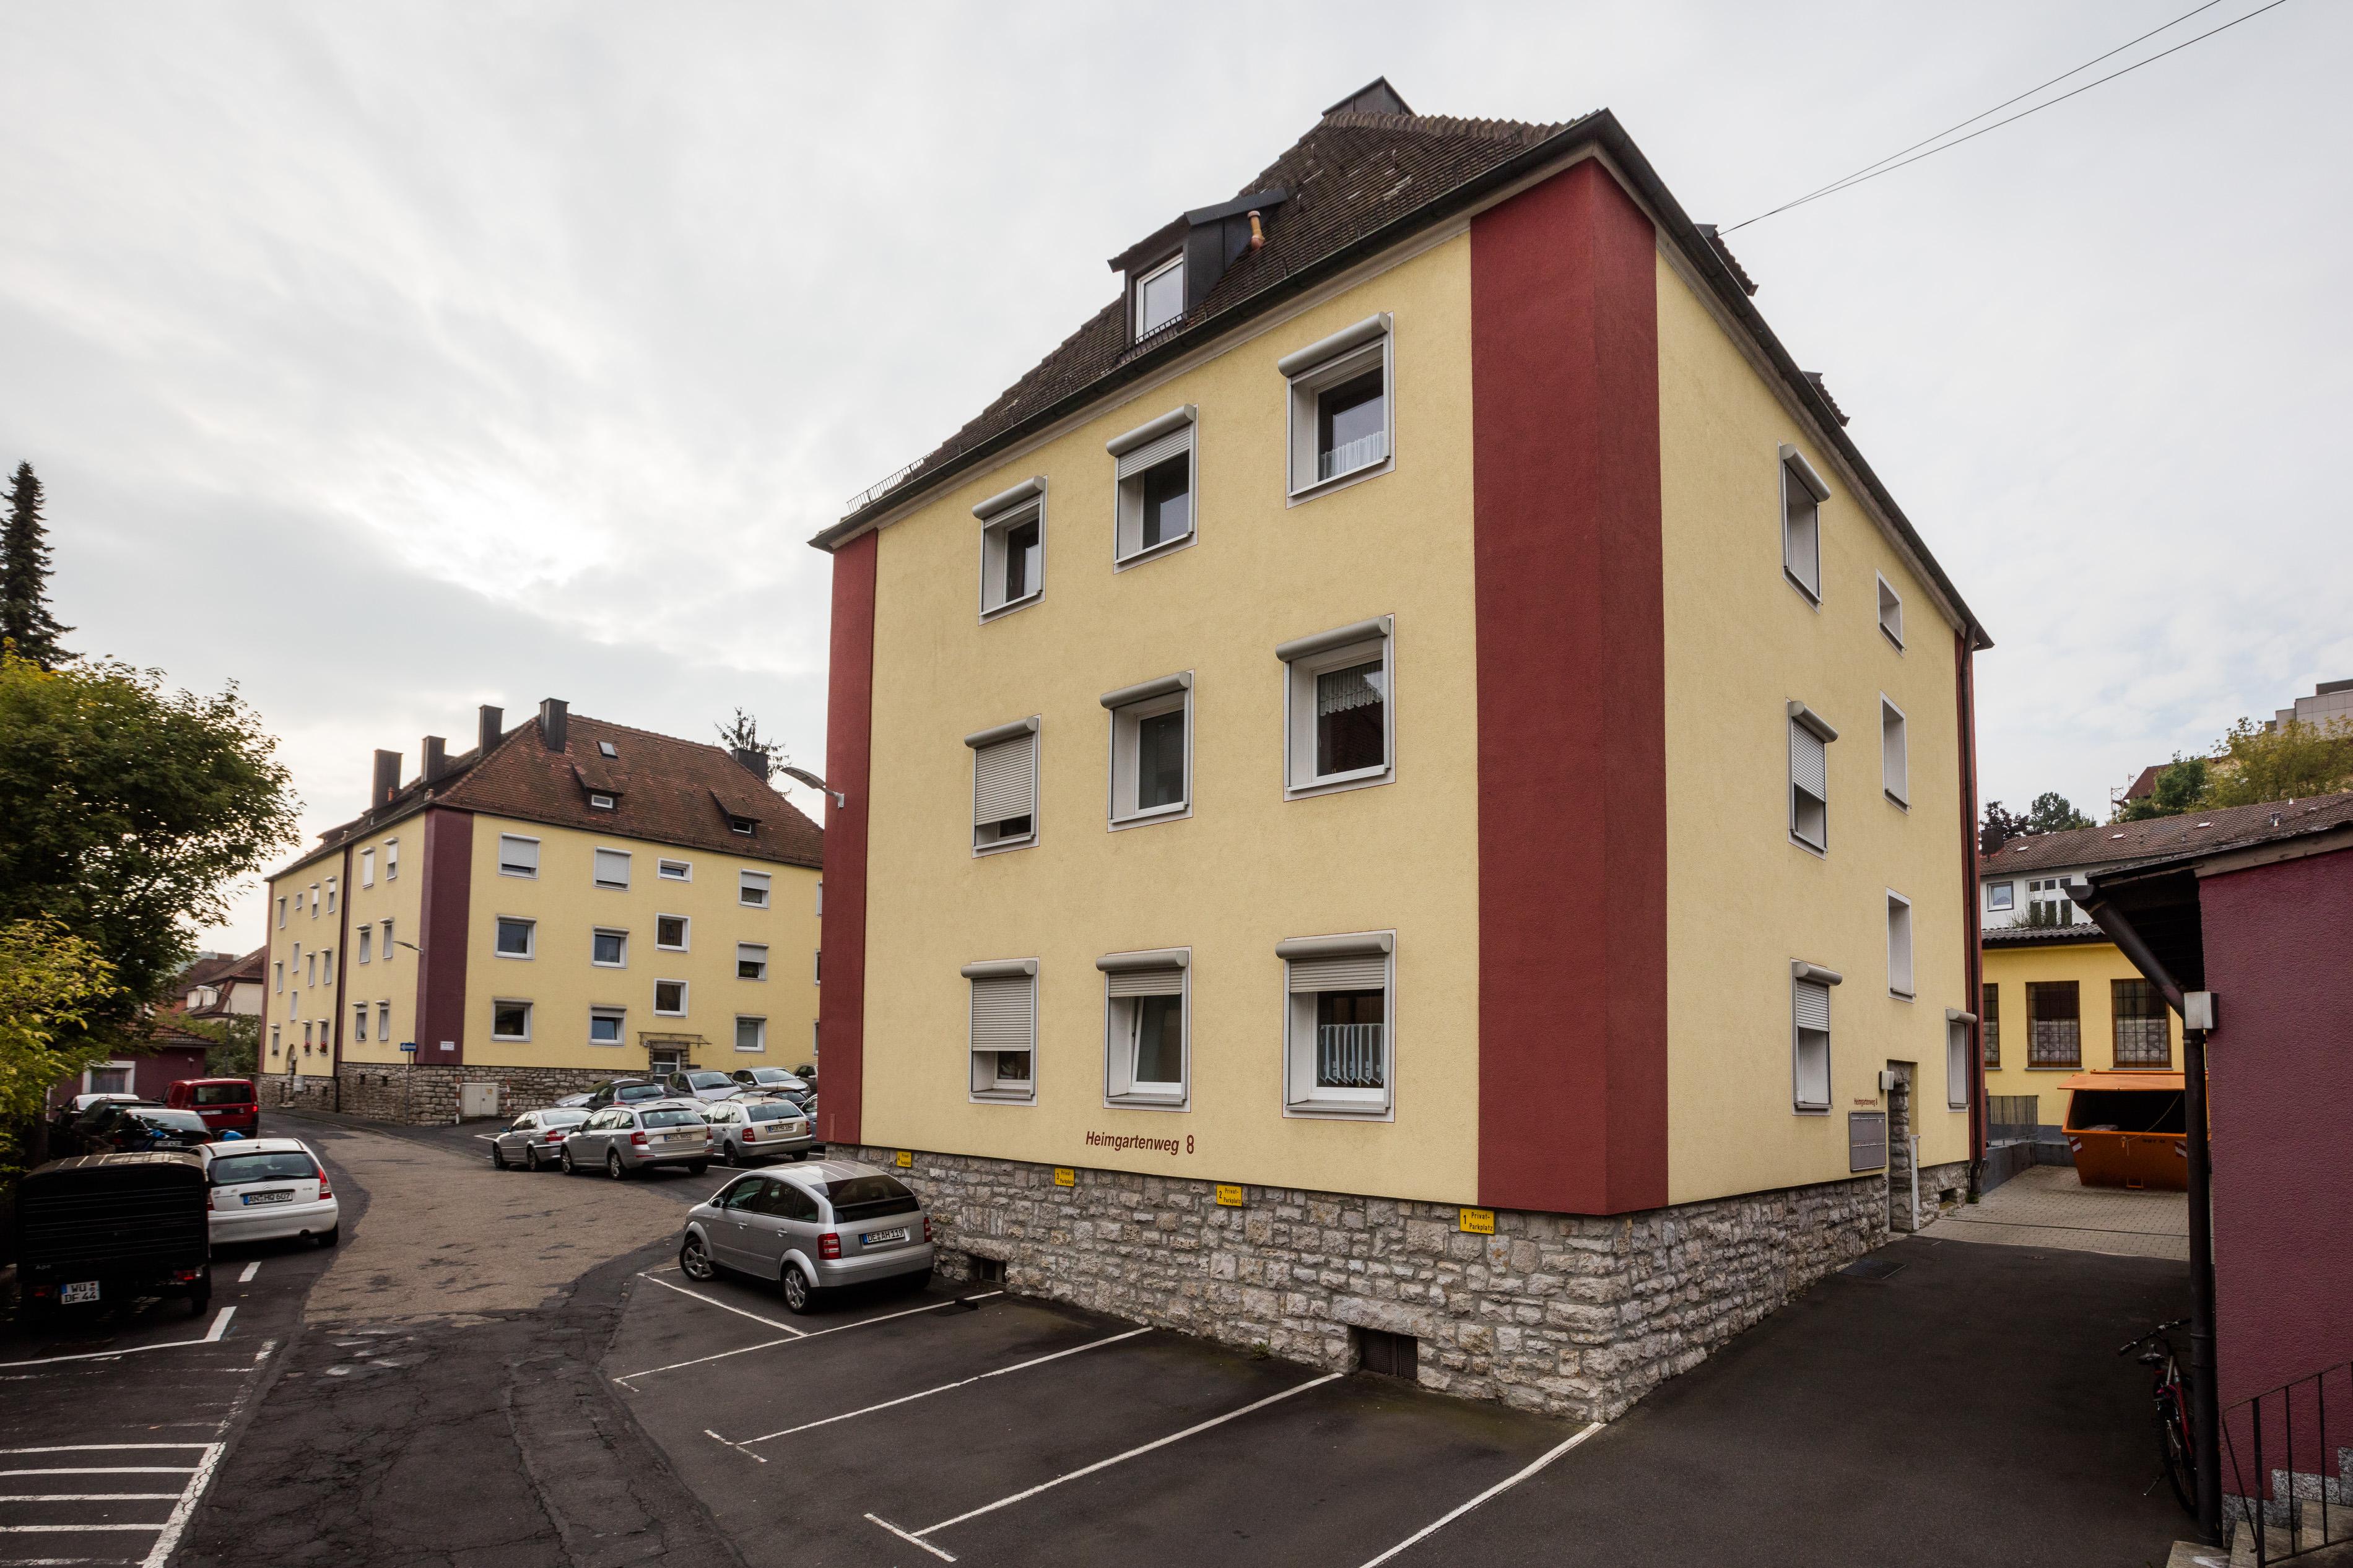 Heimgarten-35